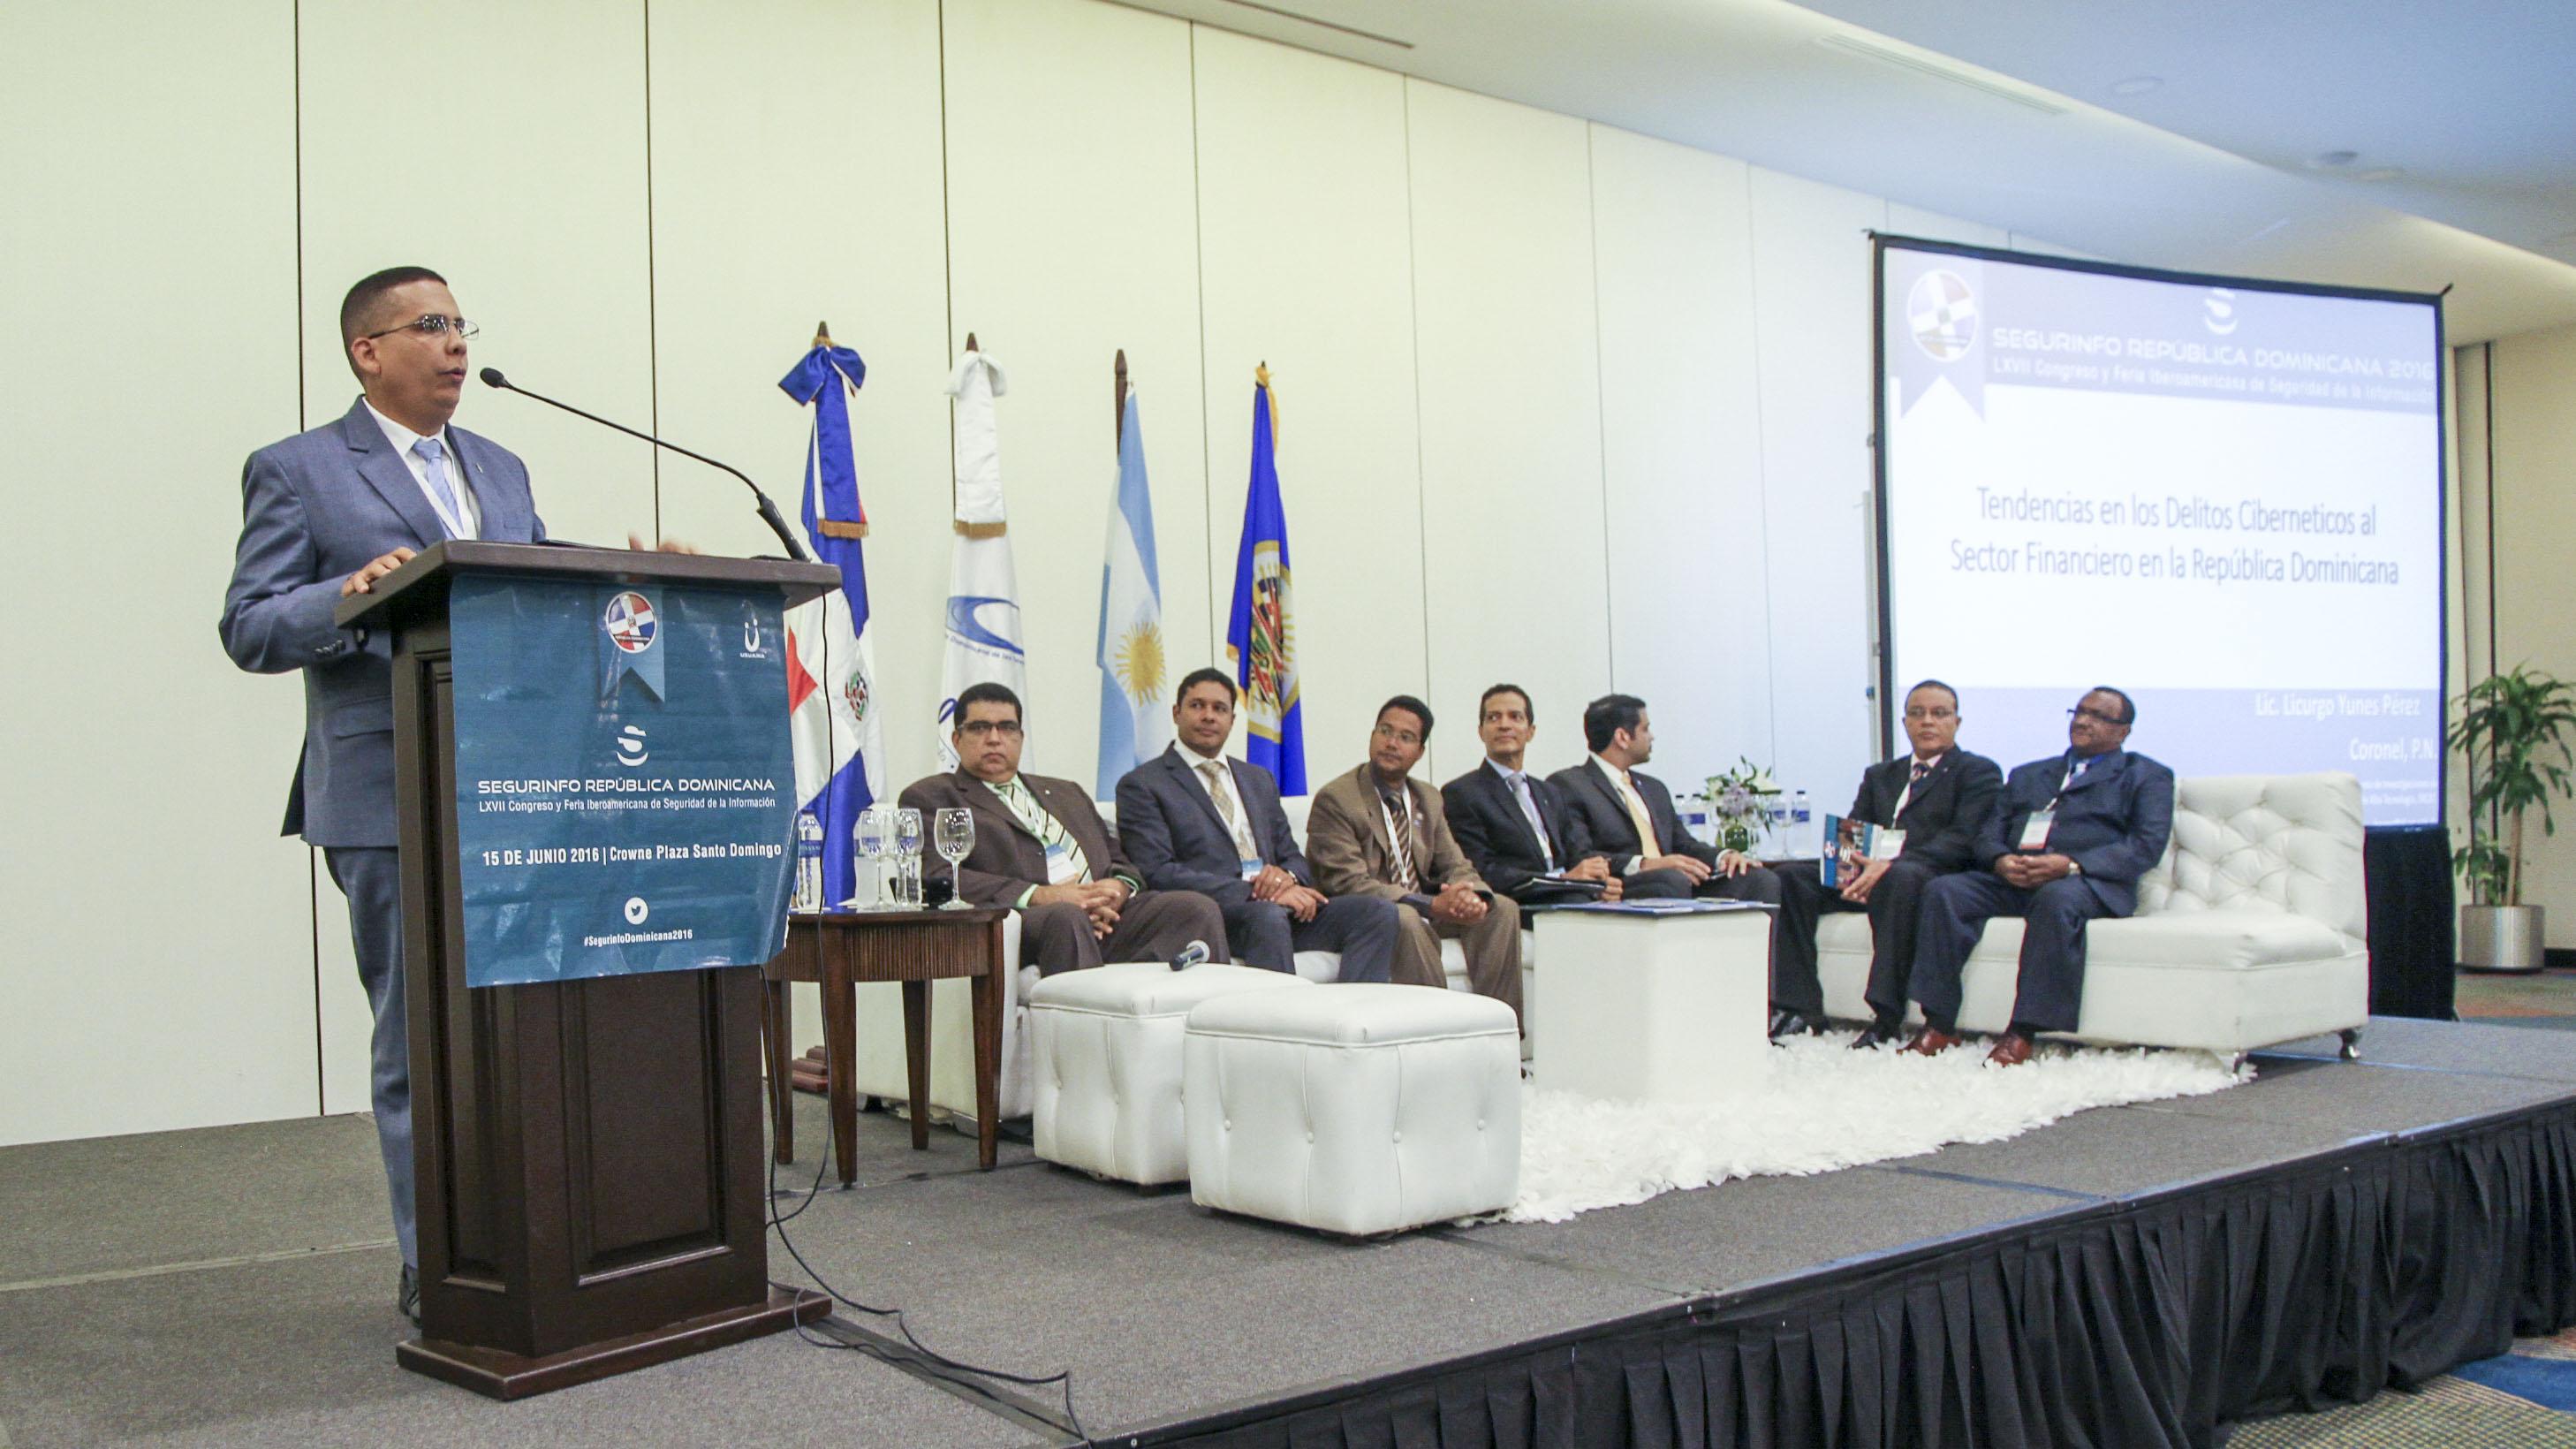 El coronel Licurgo Yunes, comandante del DICAT presentando las Tendencias del Ciberdelito al Sector Financiero RD